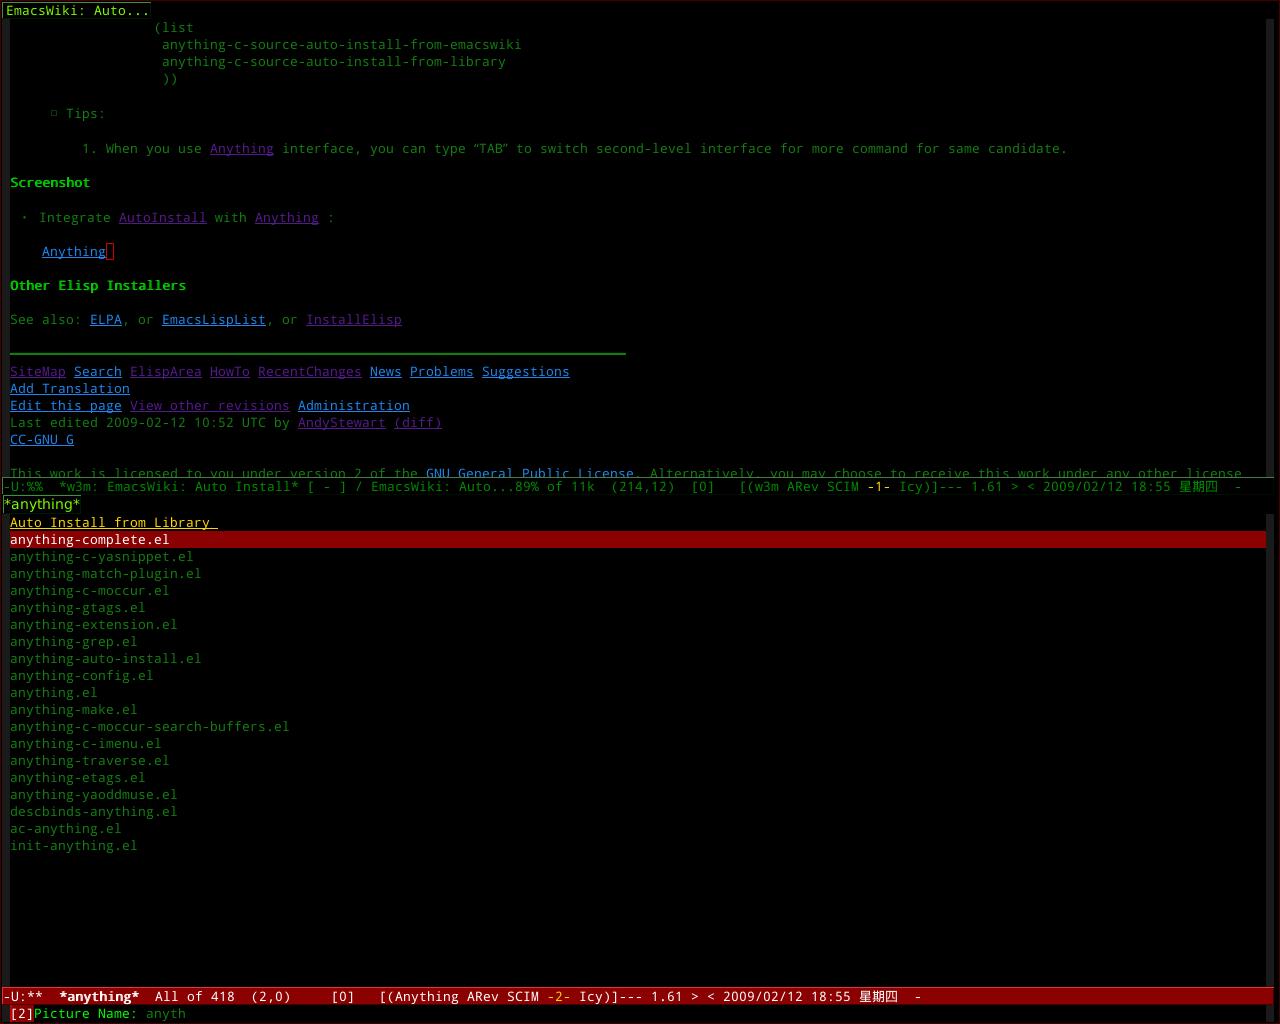 Anything_Auto_Install_Update_Screenshot